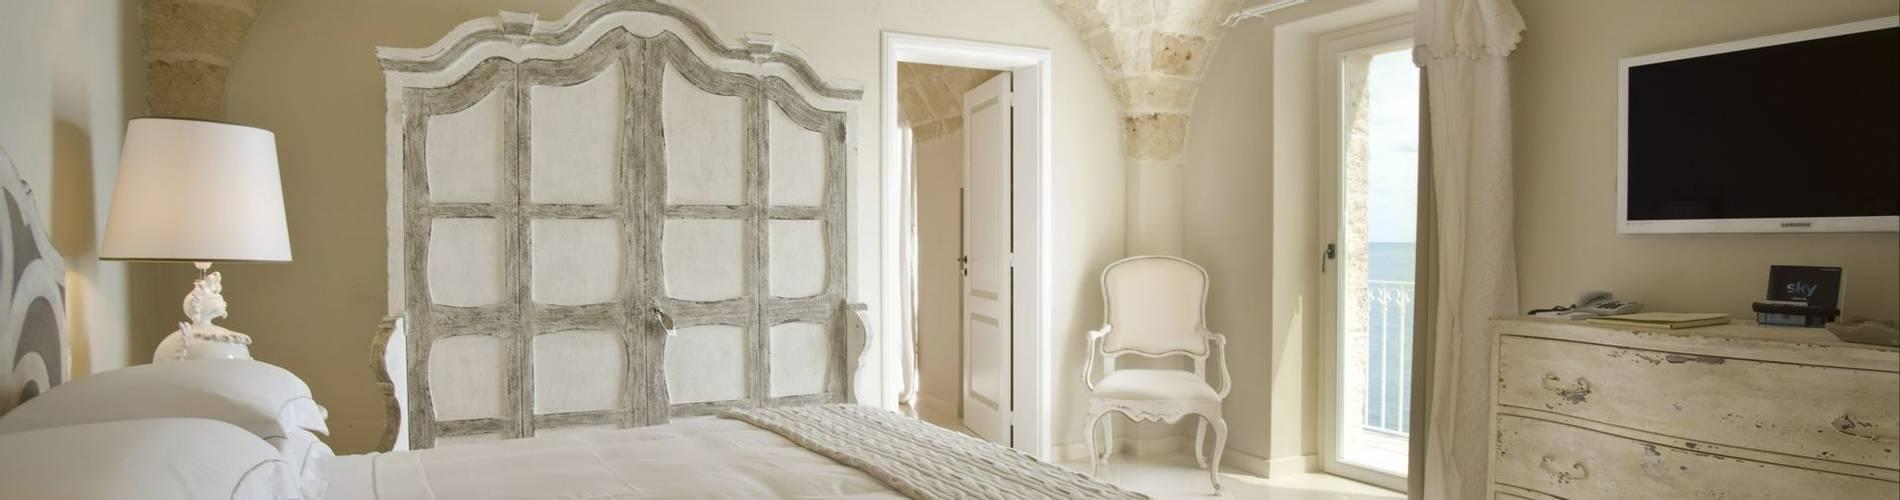 Don Ferrante, Puglia, Italy, Suite Don Ferrante.jpg